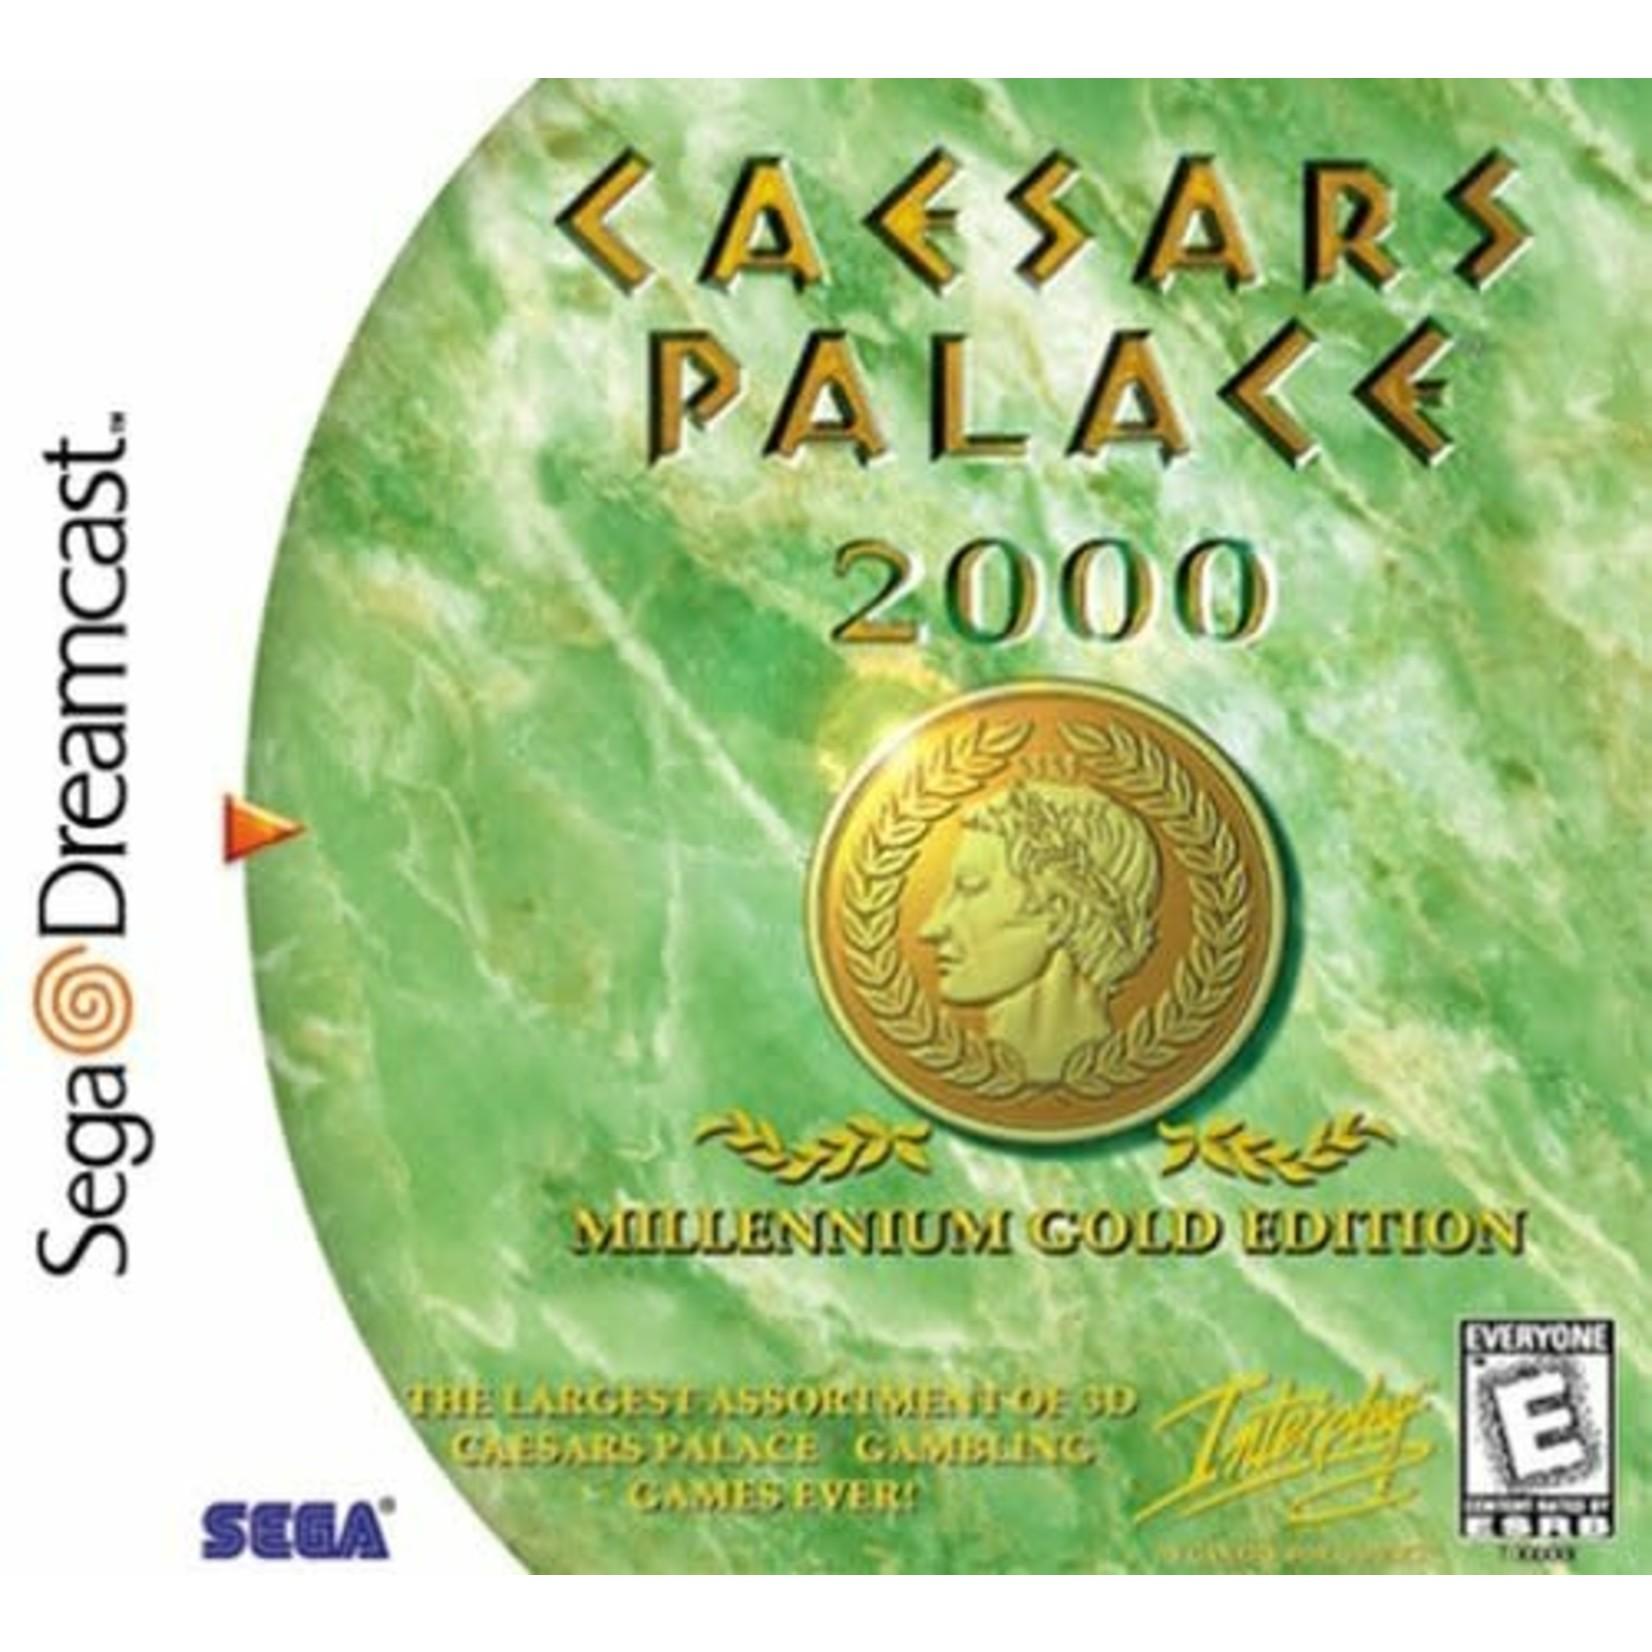 SDCU-Caesar's Palace 2000 (COMPLETE)